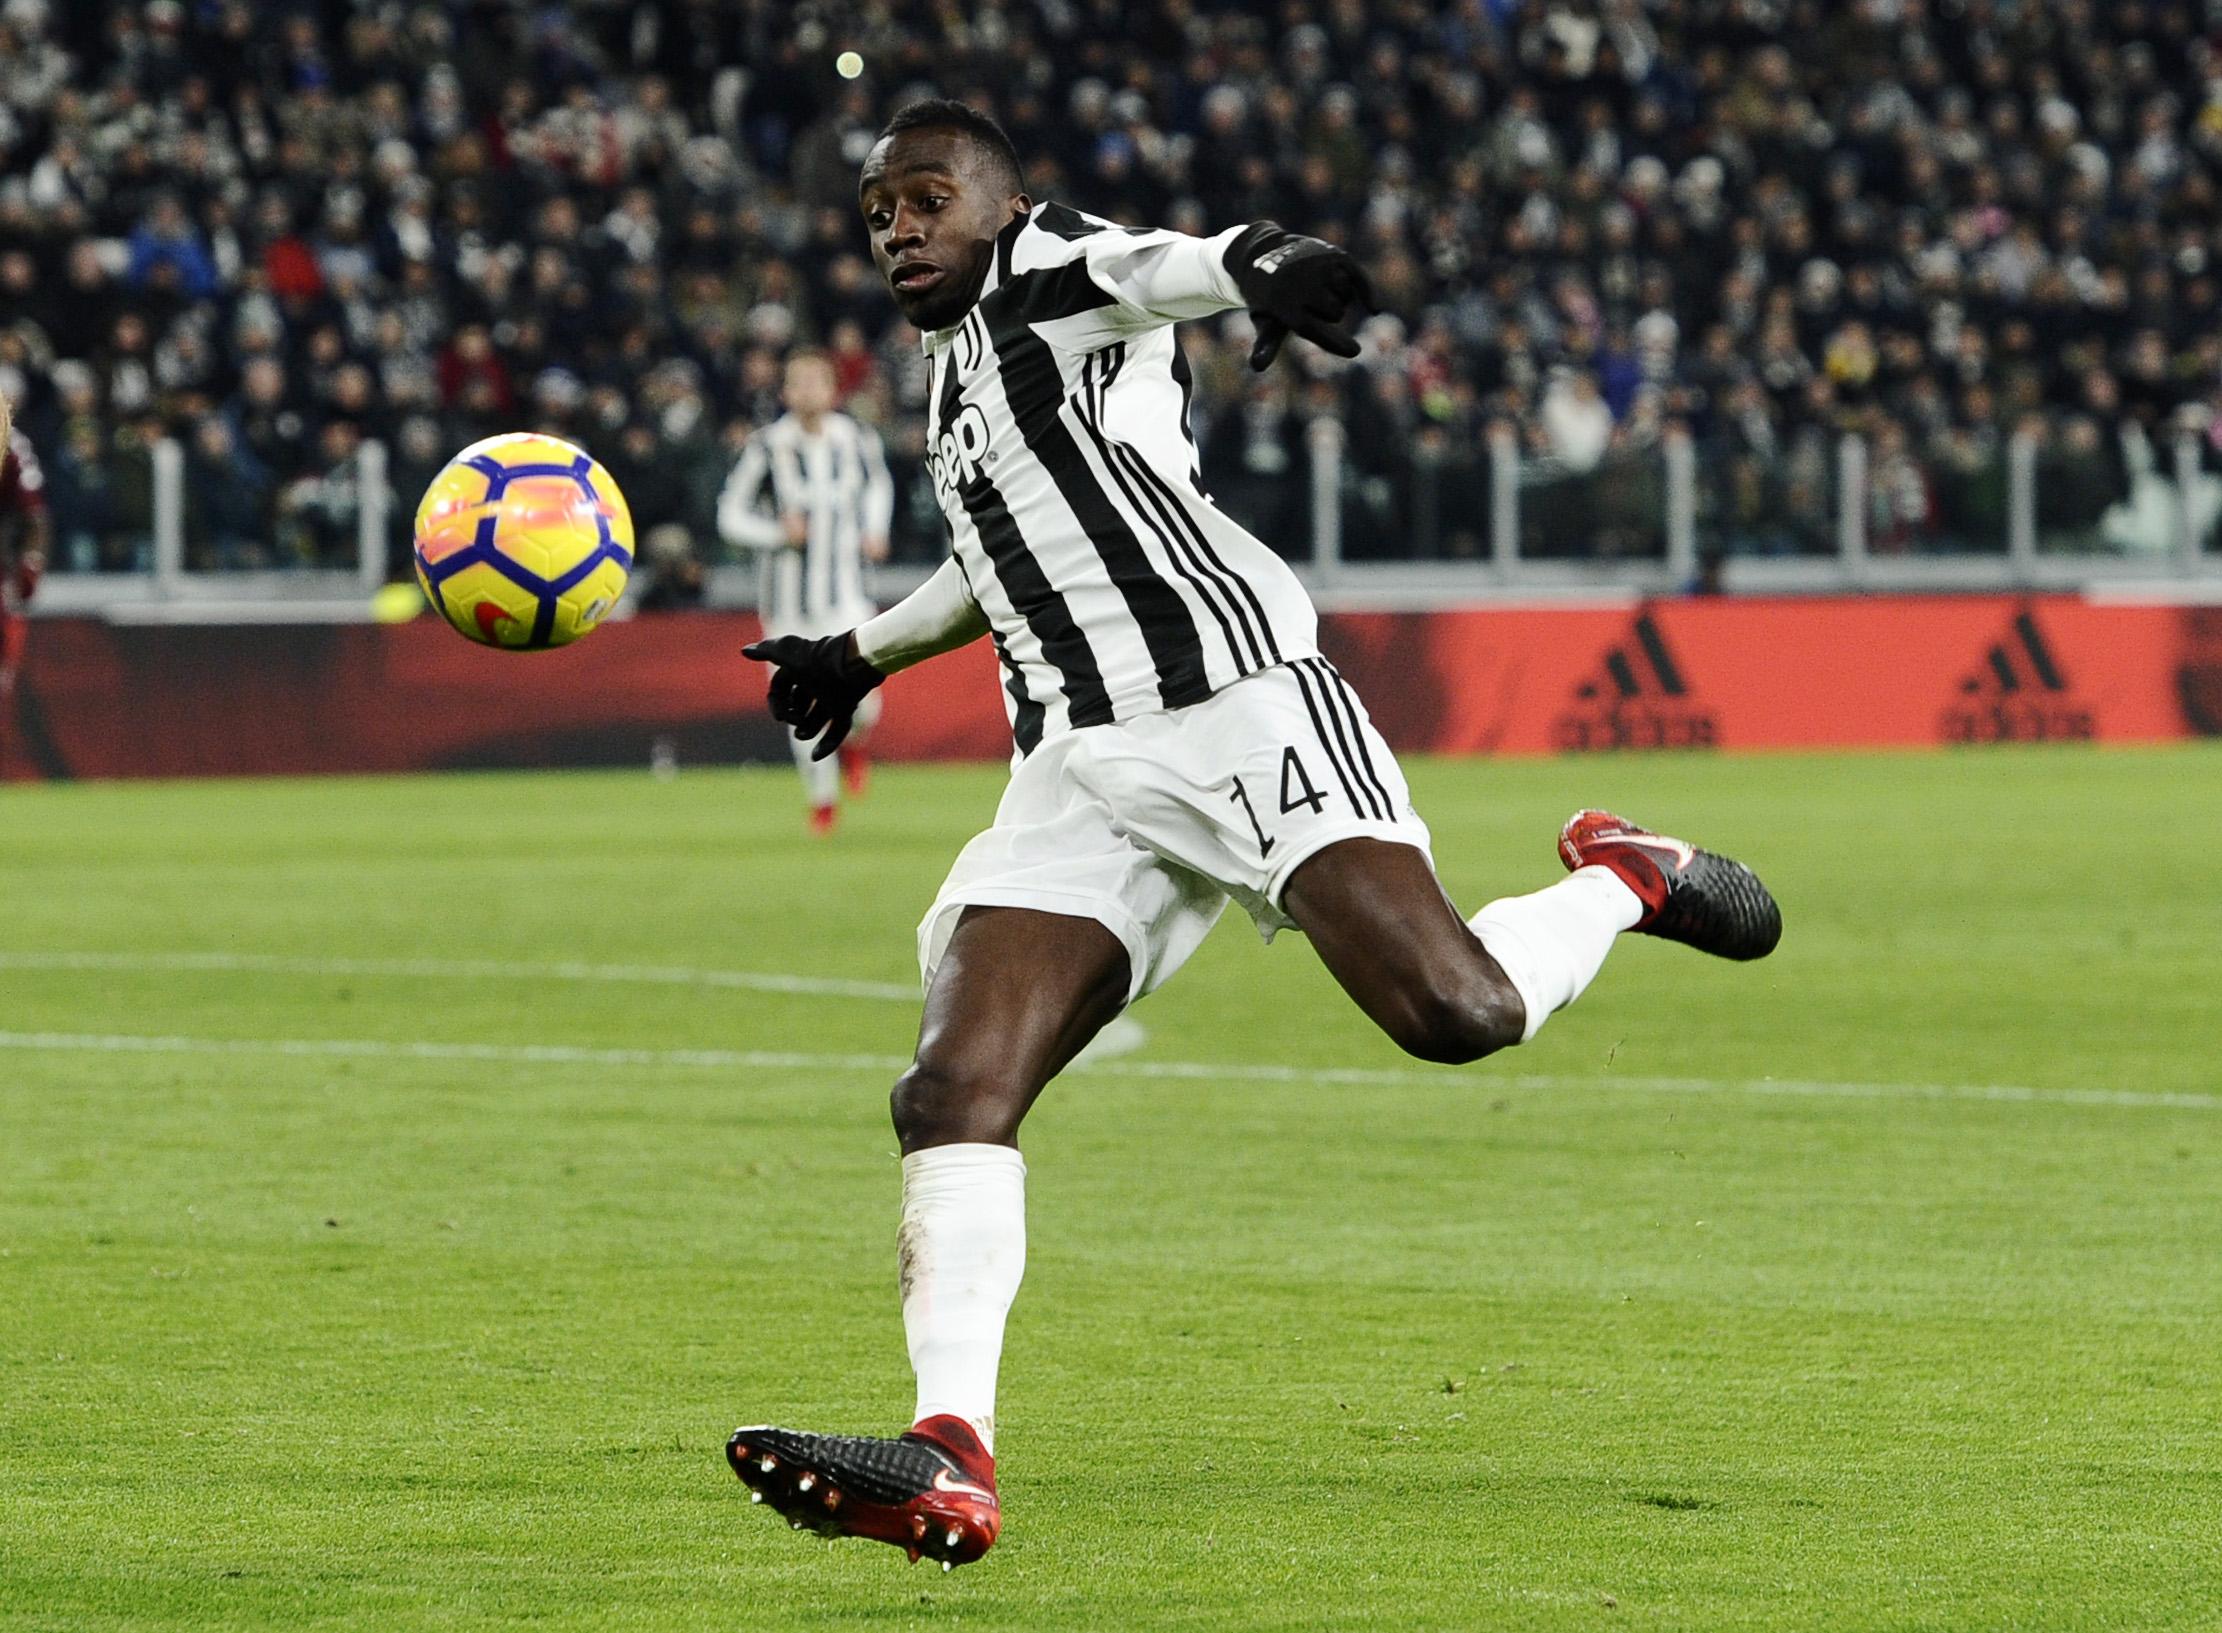 Football - Etranger - Le match Juventus-Atalanta Bergame reporté à cause de la neige